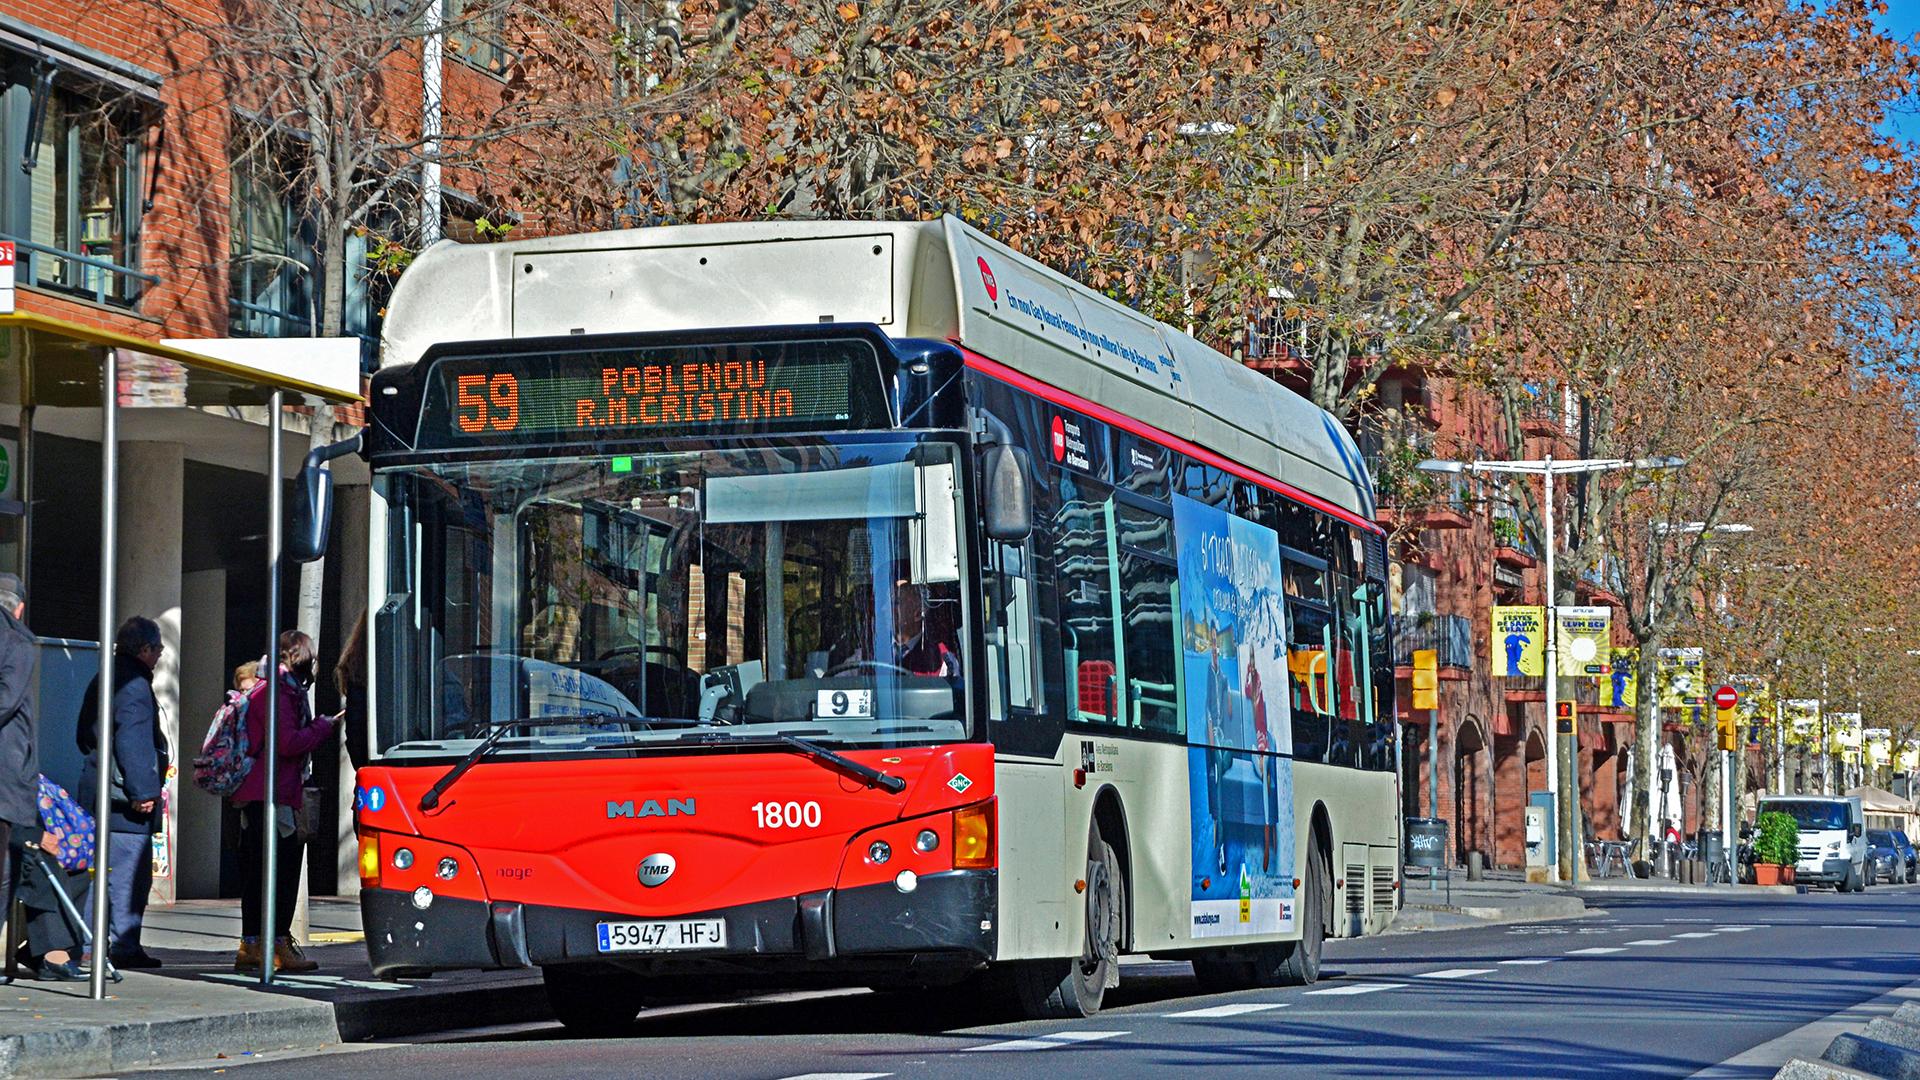 Parada de bus en Barcelona